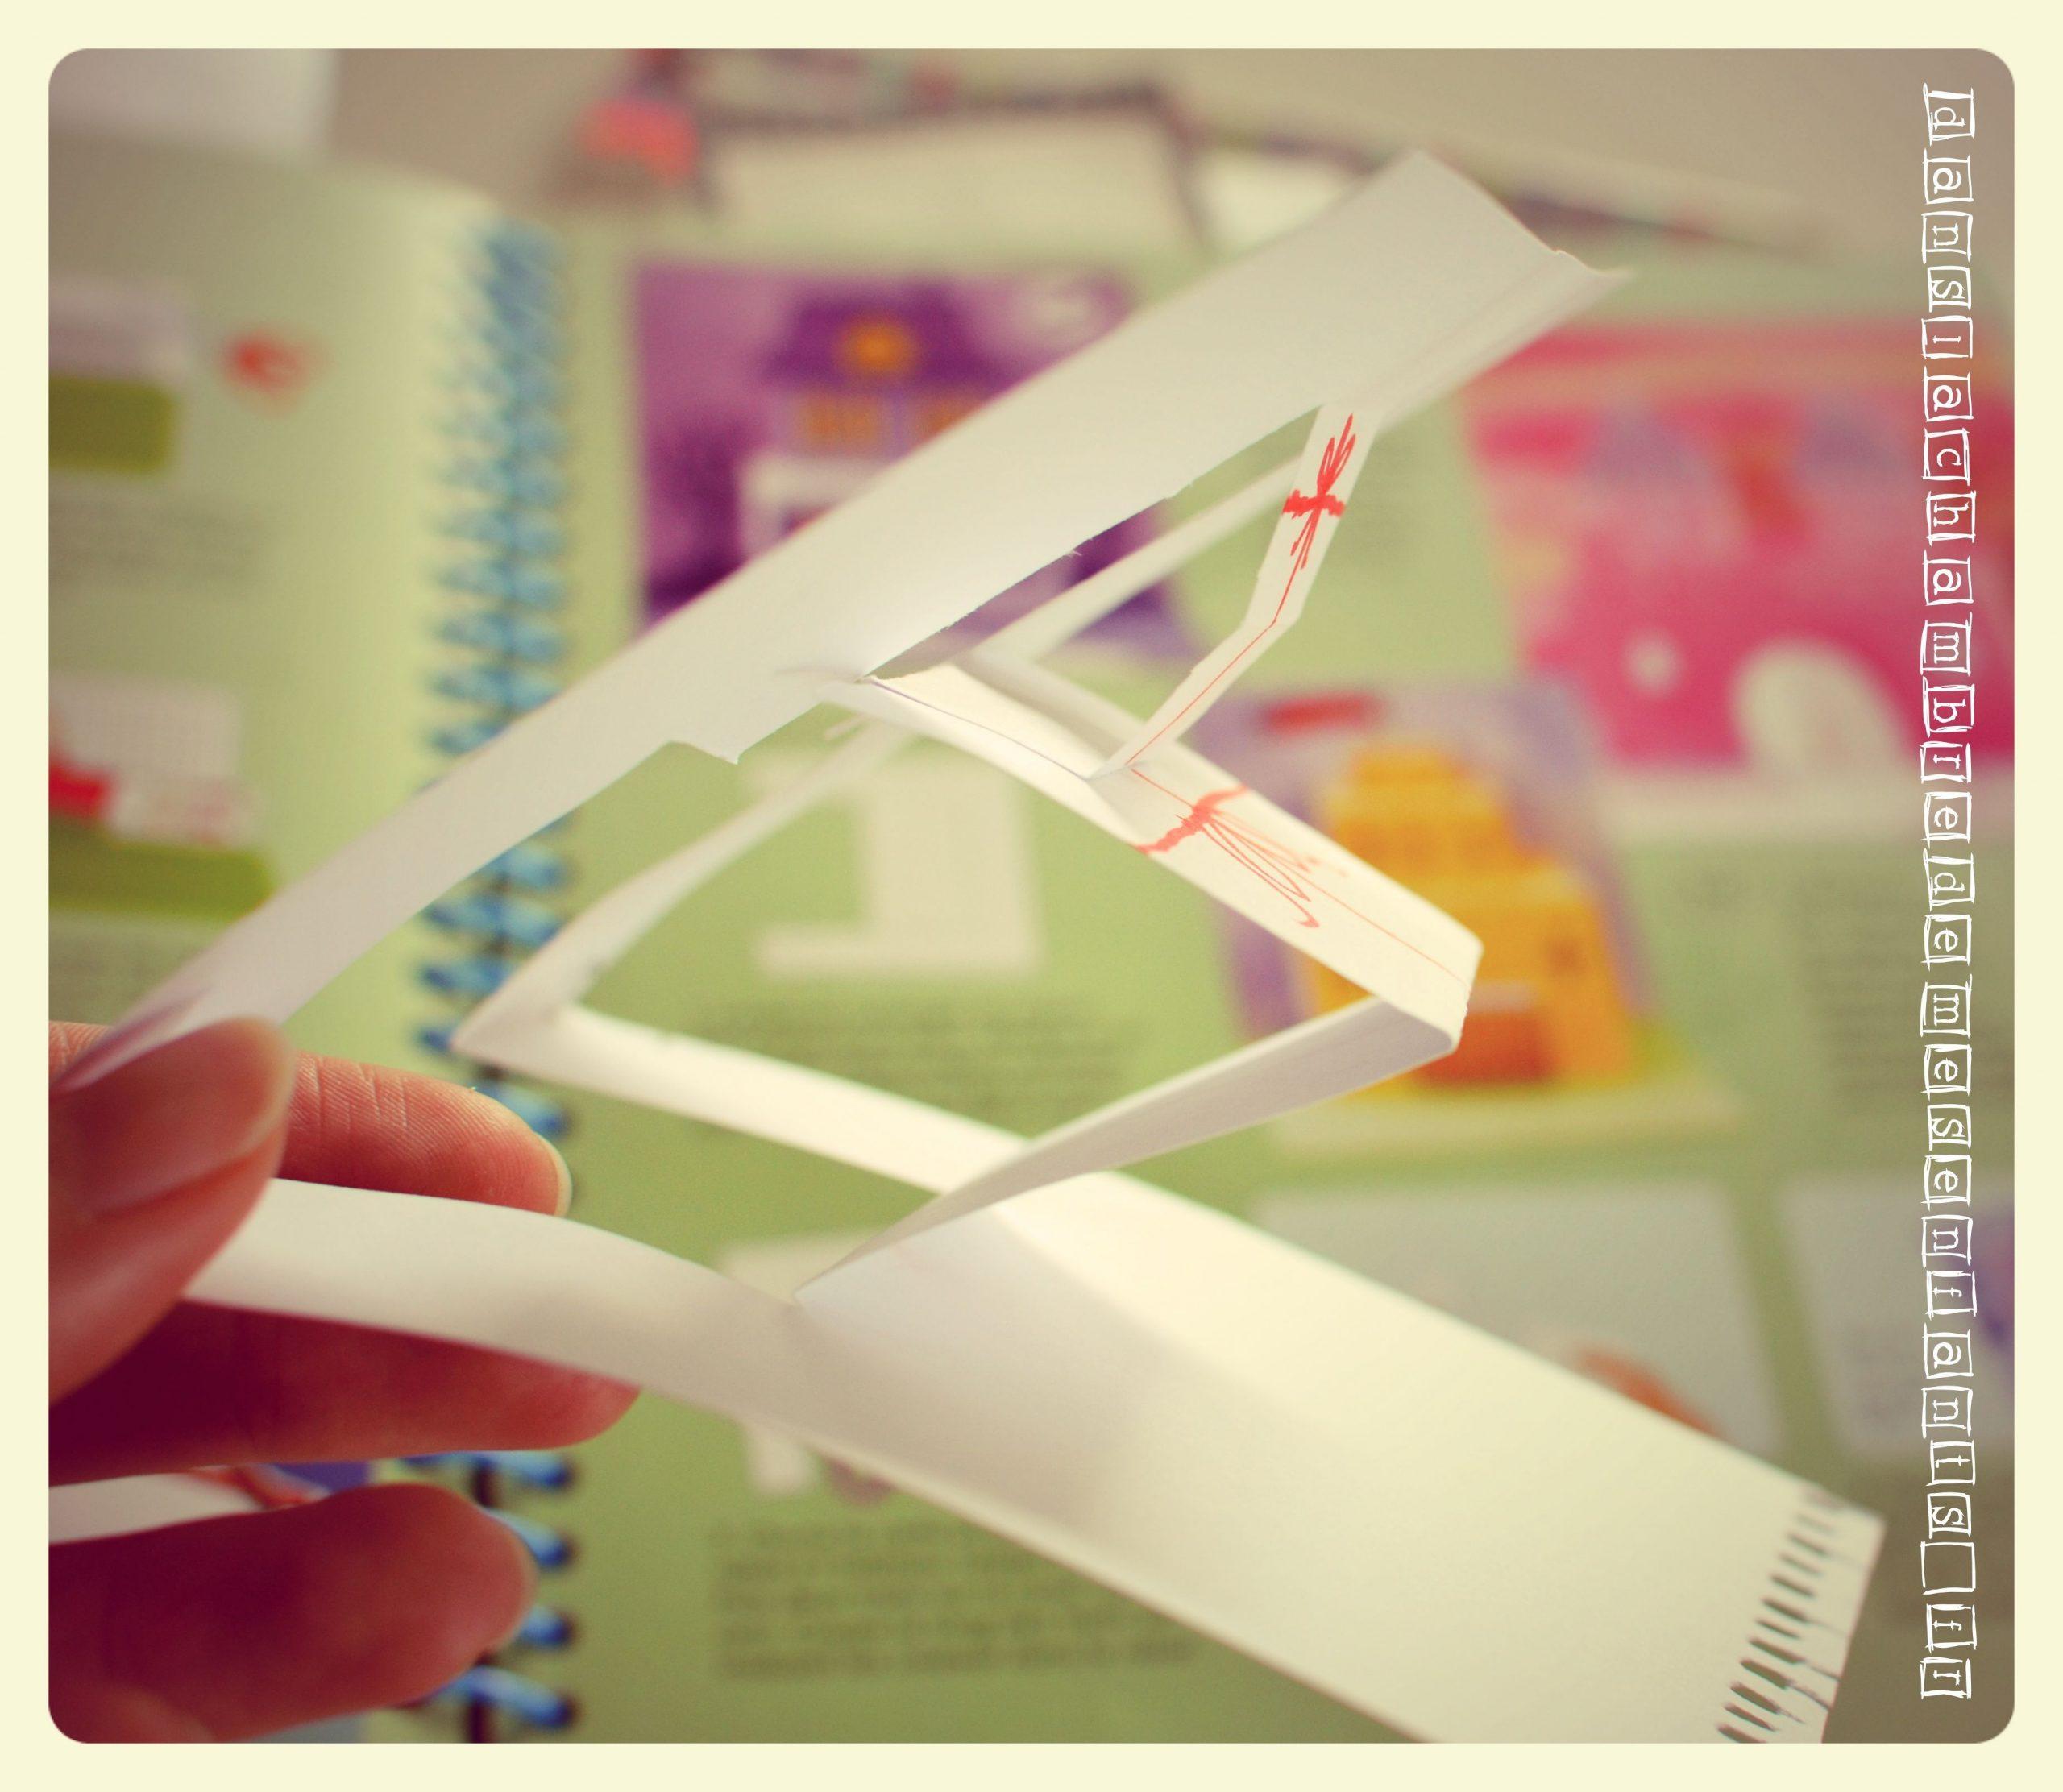 Diy-Tuto-Carte-Pop-Up-En-Relief-Papier-Paper-Activite intérieur Activité Manuelle En Papier